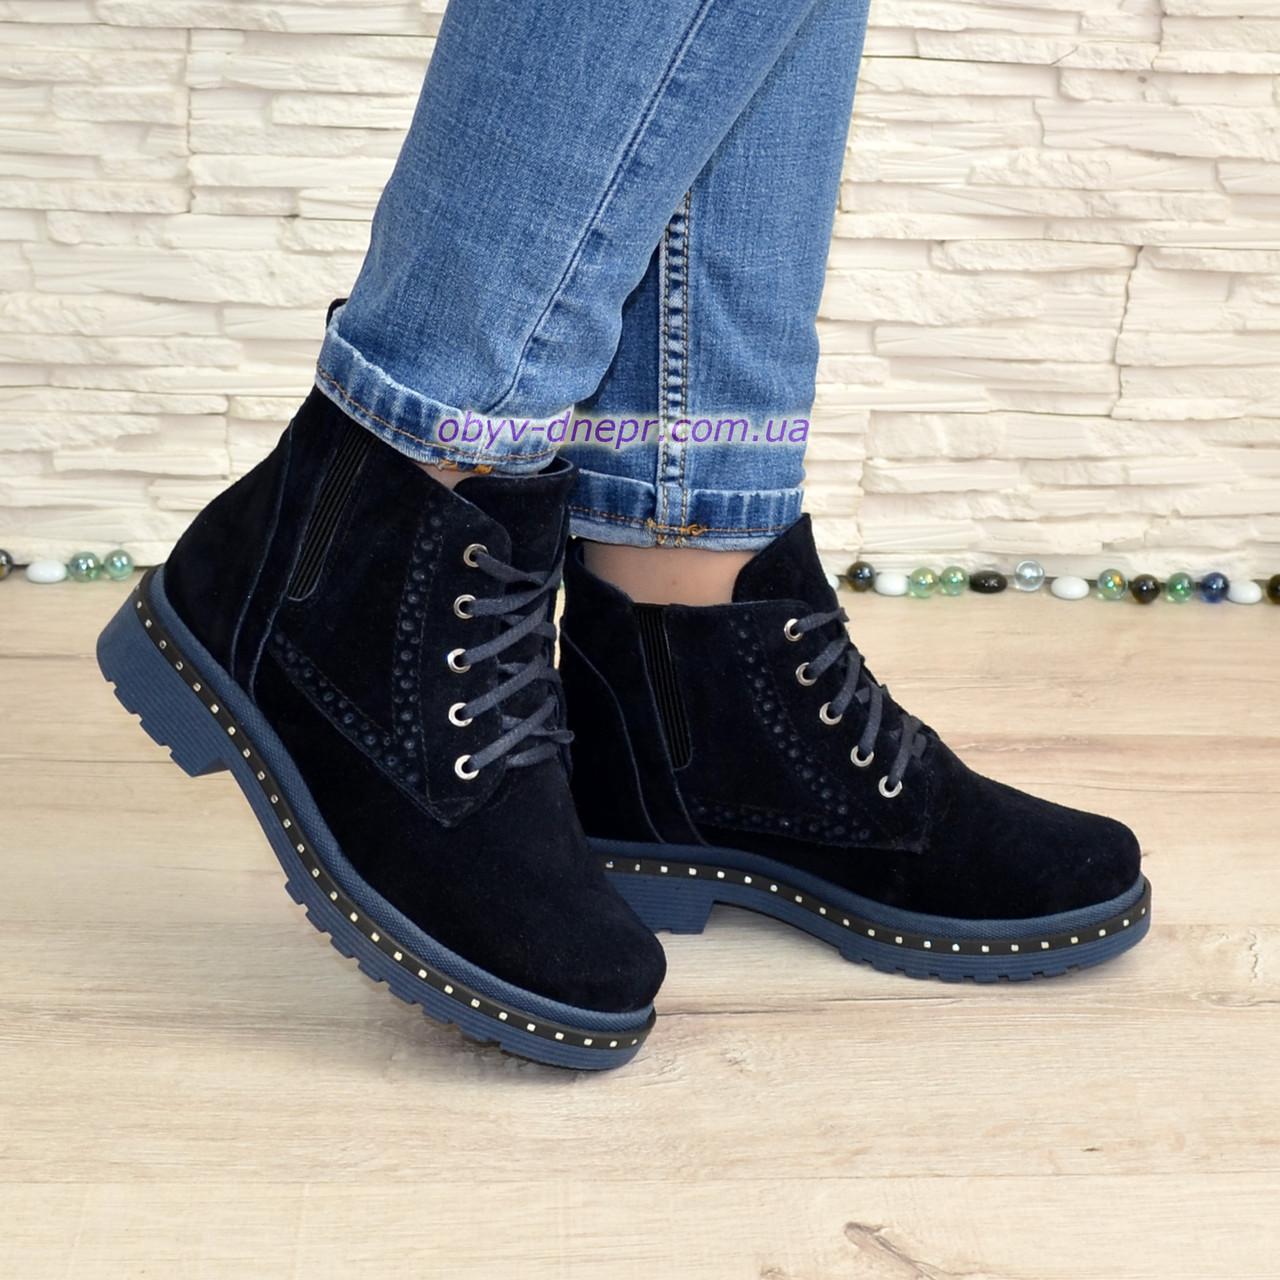 Ботинки женские зимние на маленьком каблуке, на шнурках